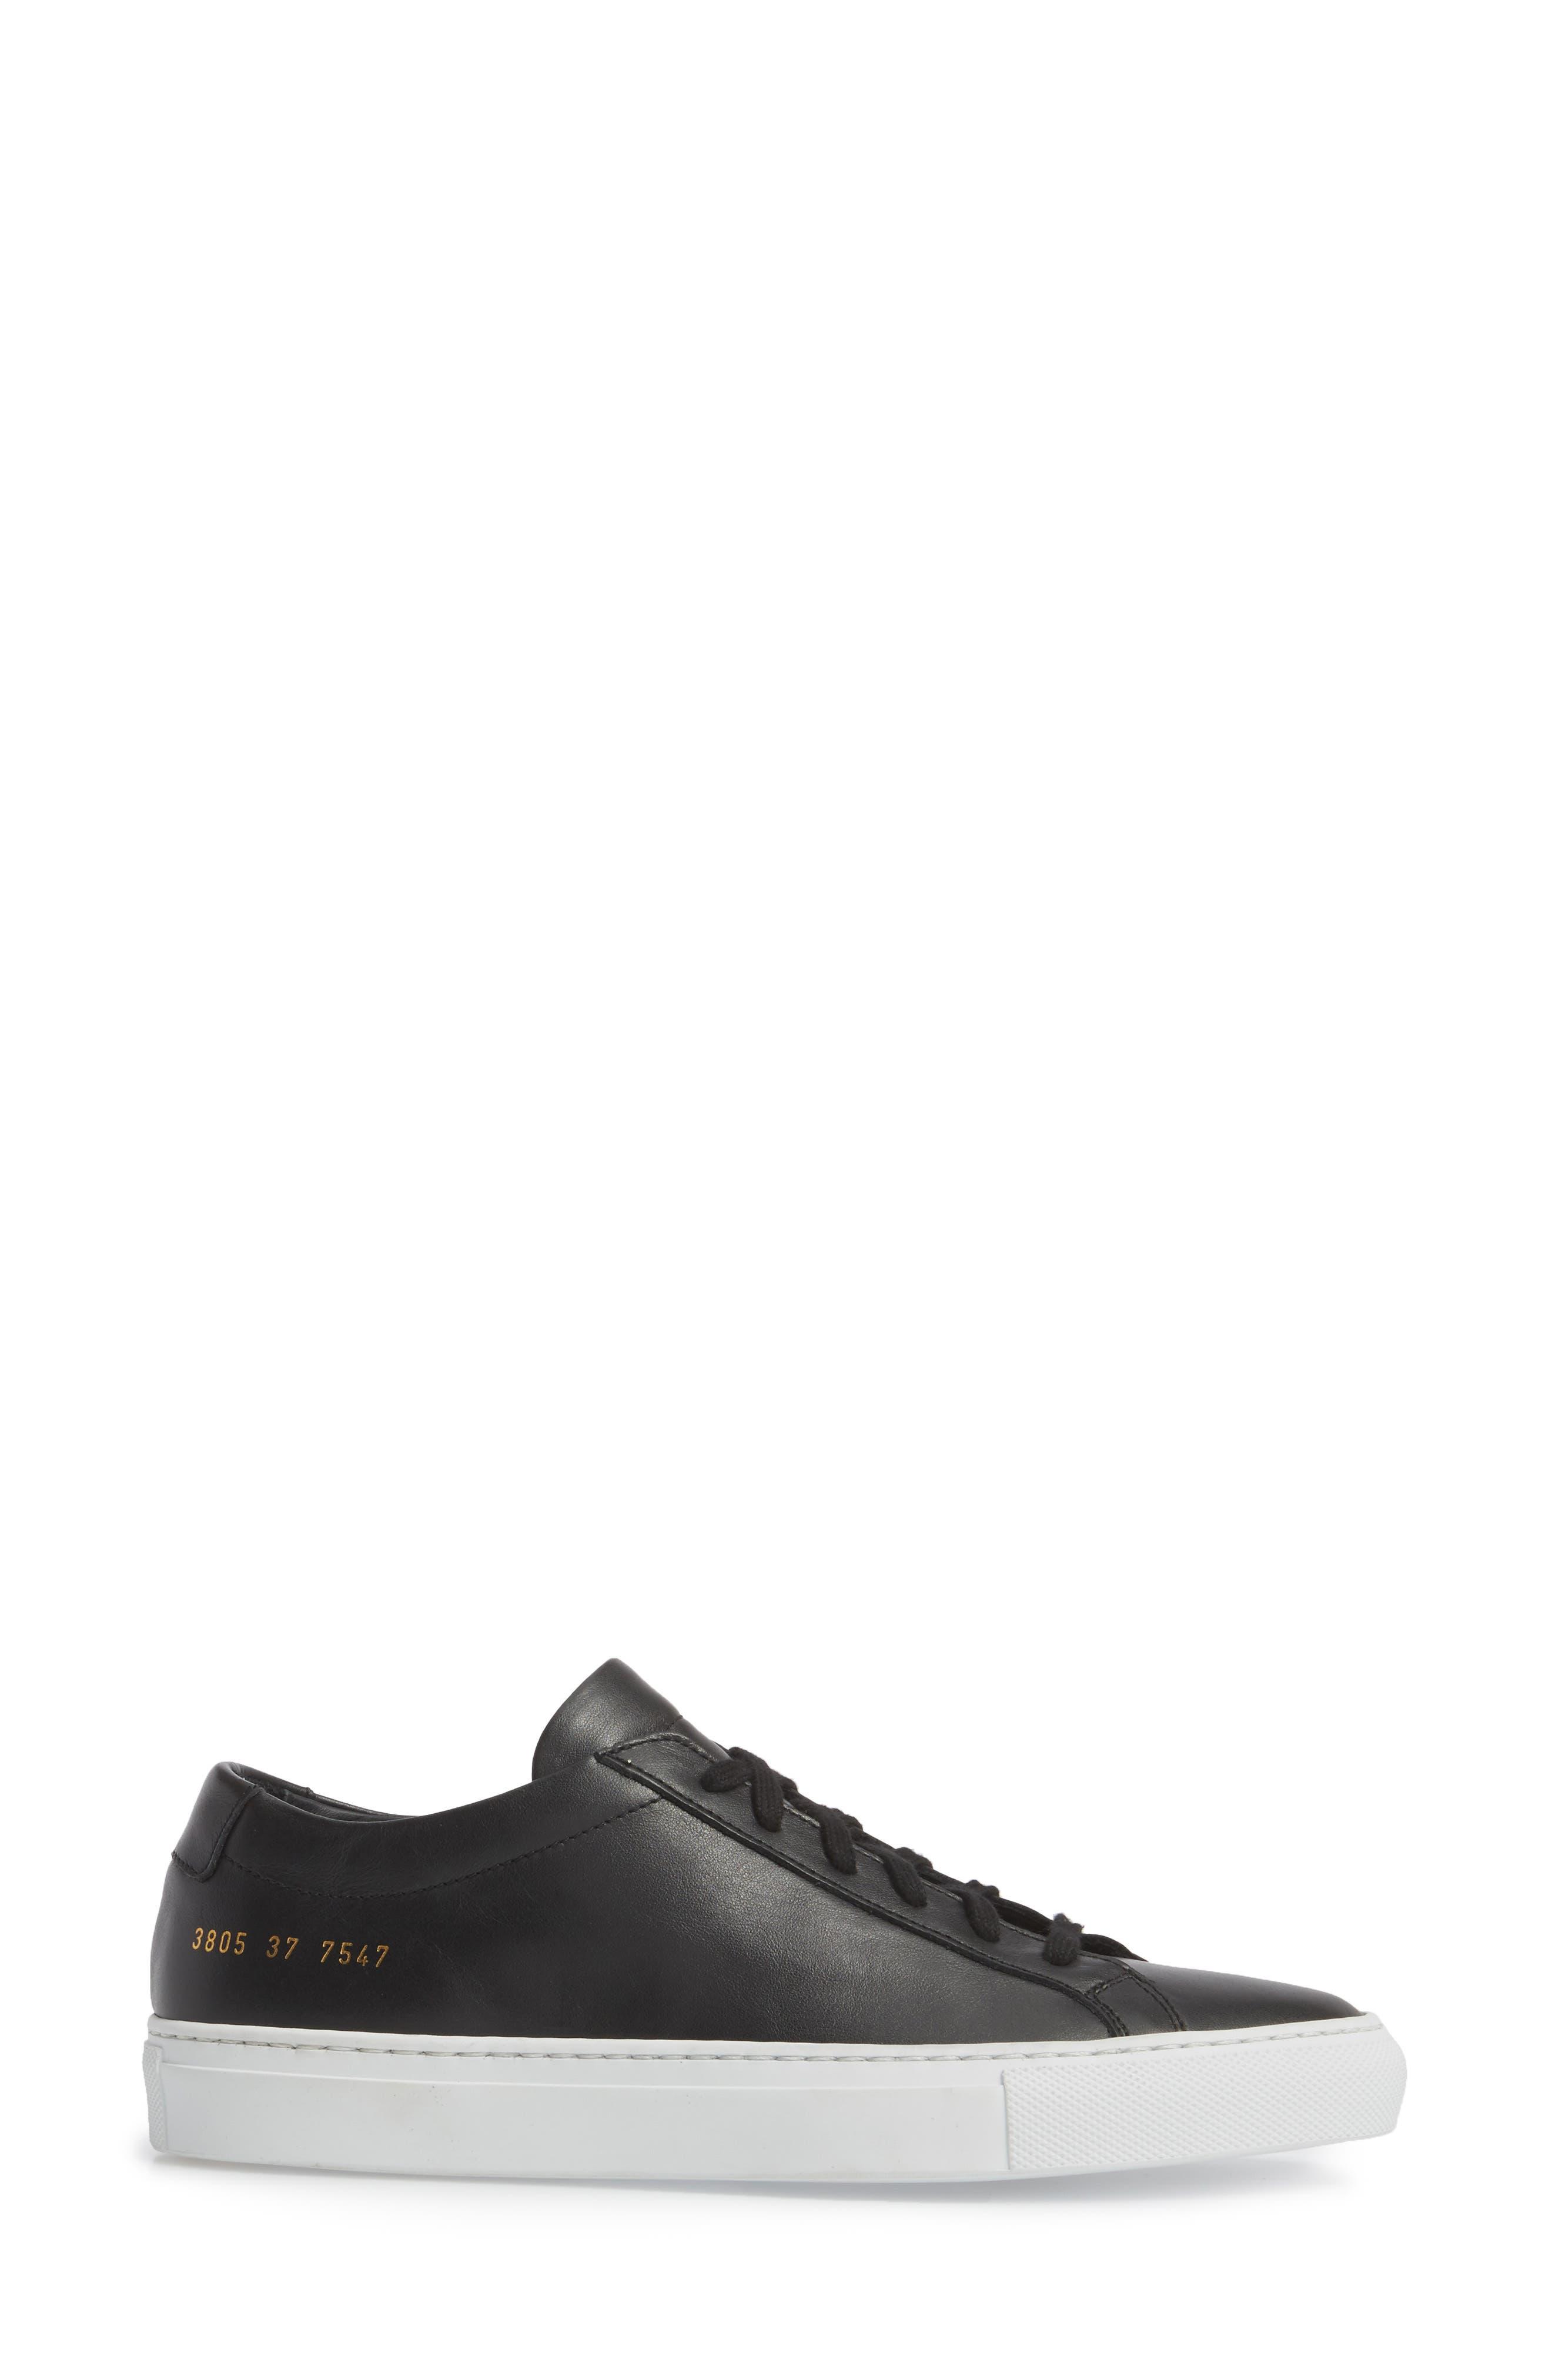 Original Achilles Low Sneaker,                             Alternate thumbnail 6, color,                             Black